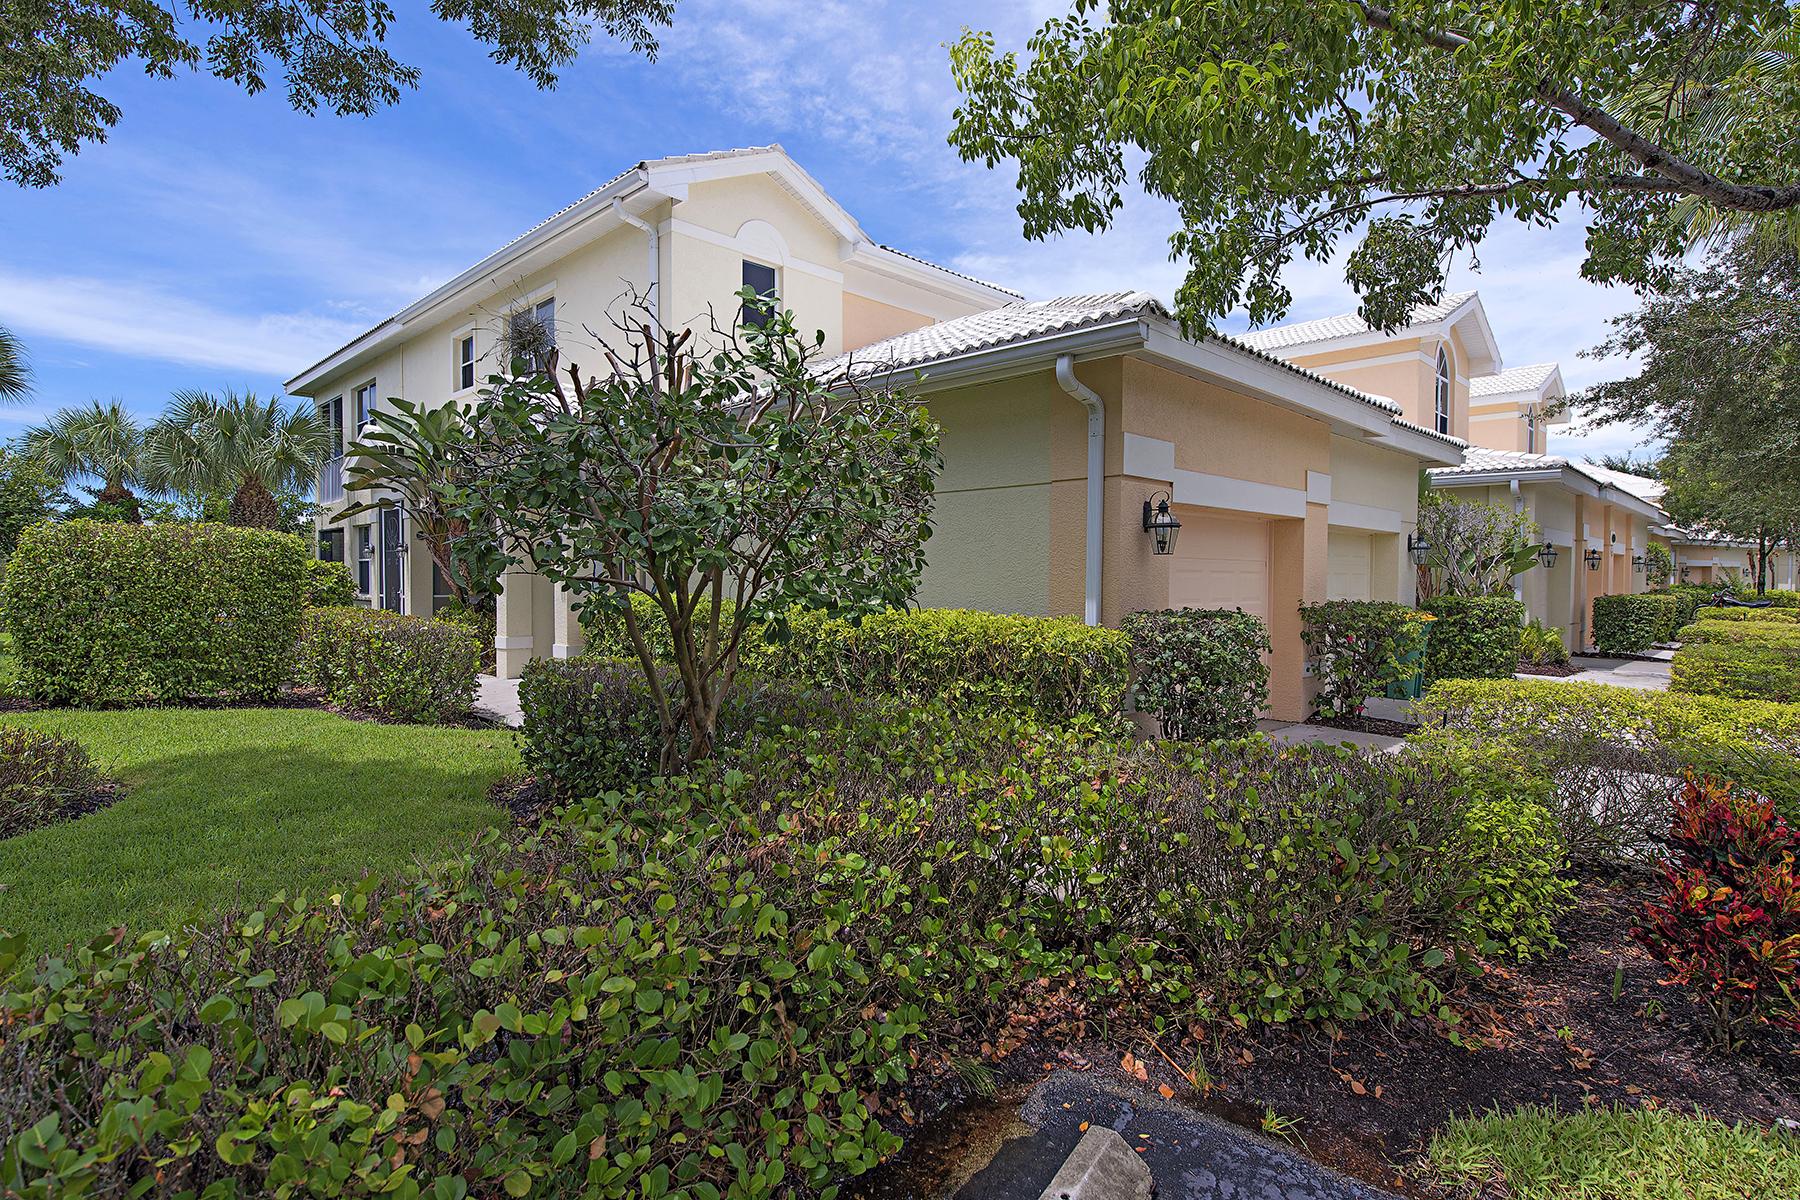 Piso por un Venta en FIDDLER'S CREEK - HAWK'S NEST 4695 Hawks Nest Way 202 Naples, Florida 34114 Estados Unidos